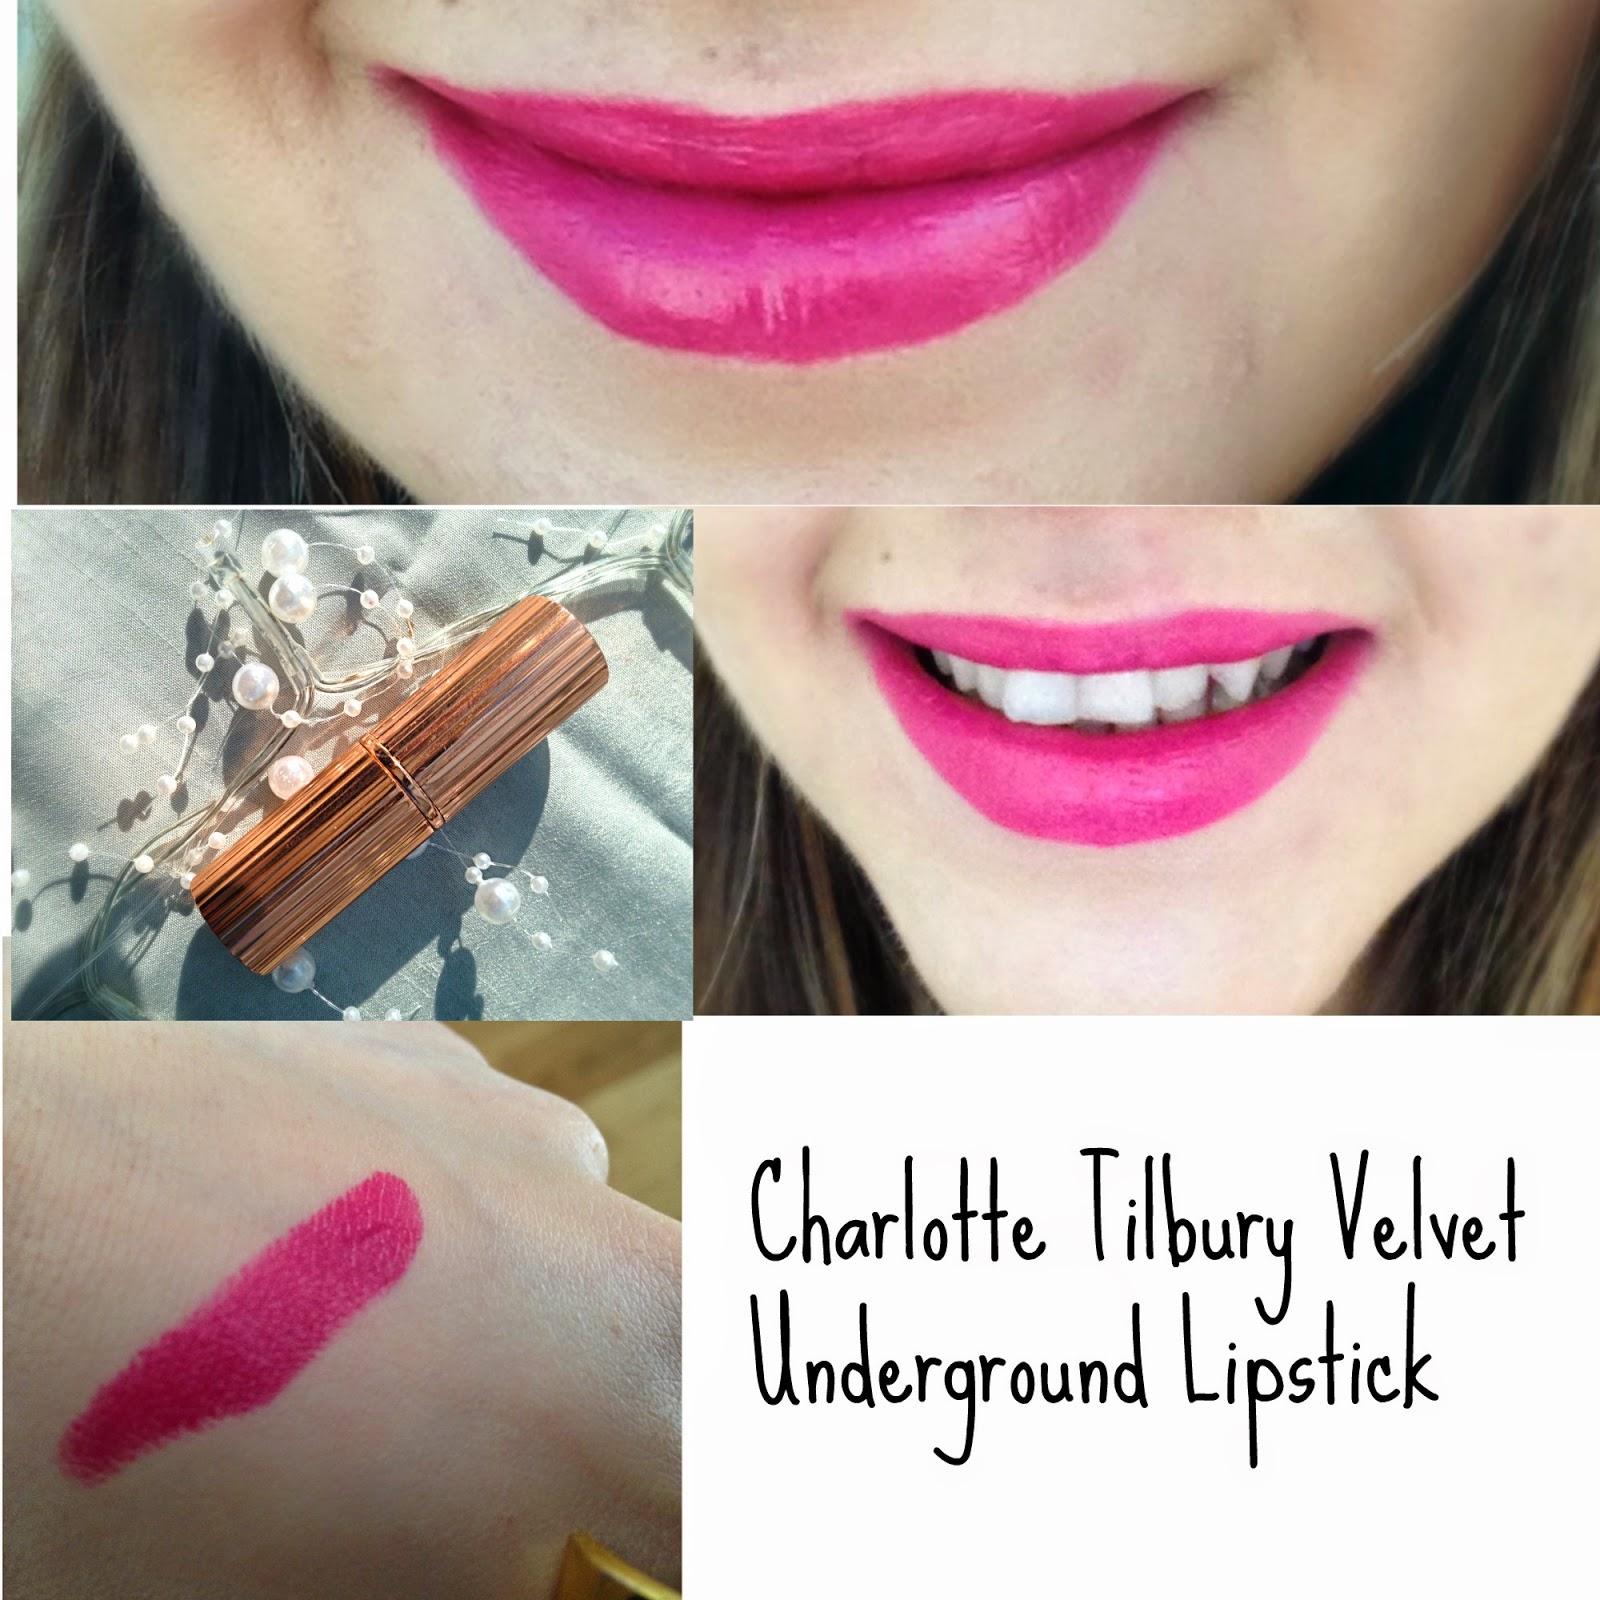 Charlotte Tilbury Velvet Underground Lipstick